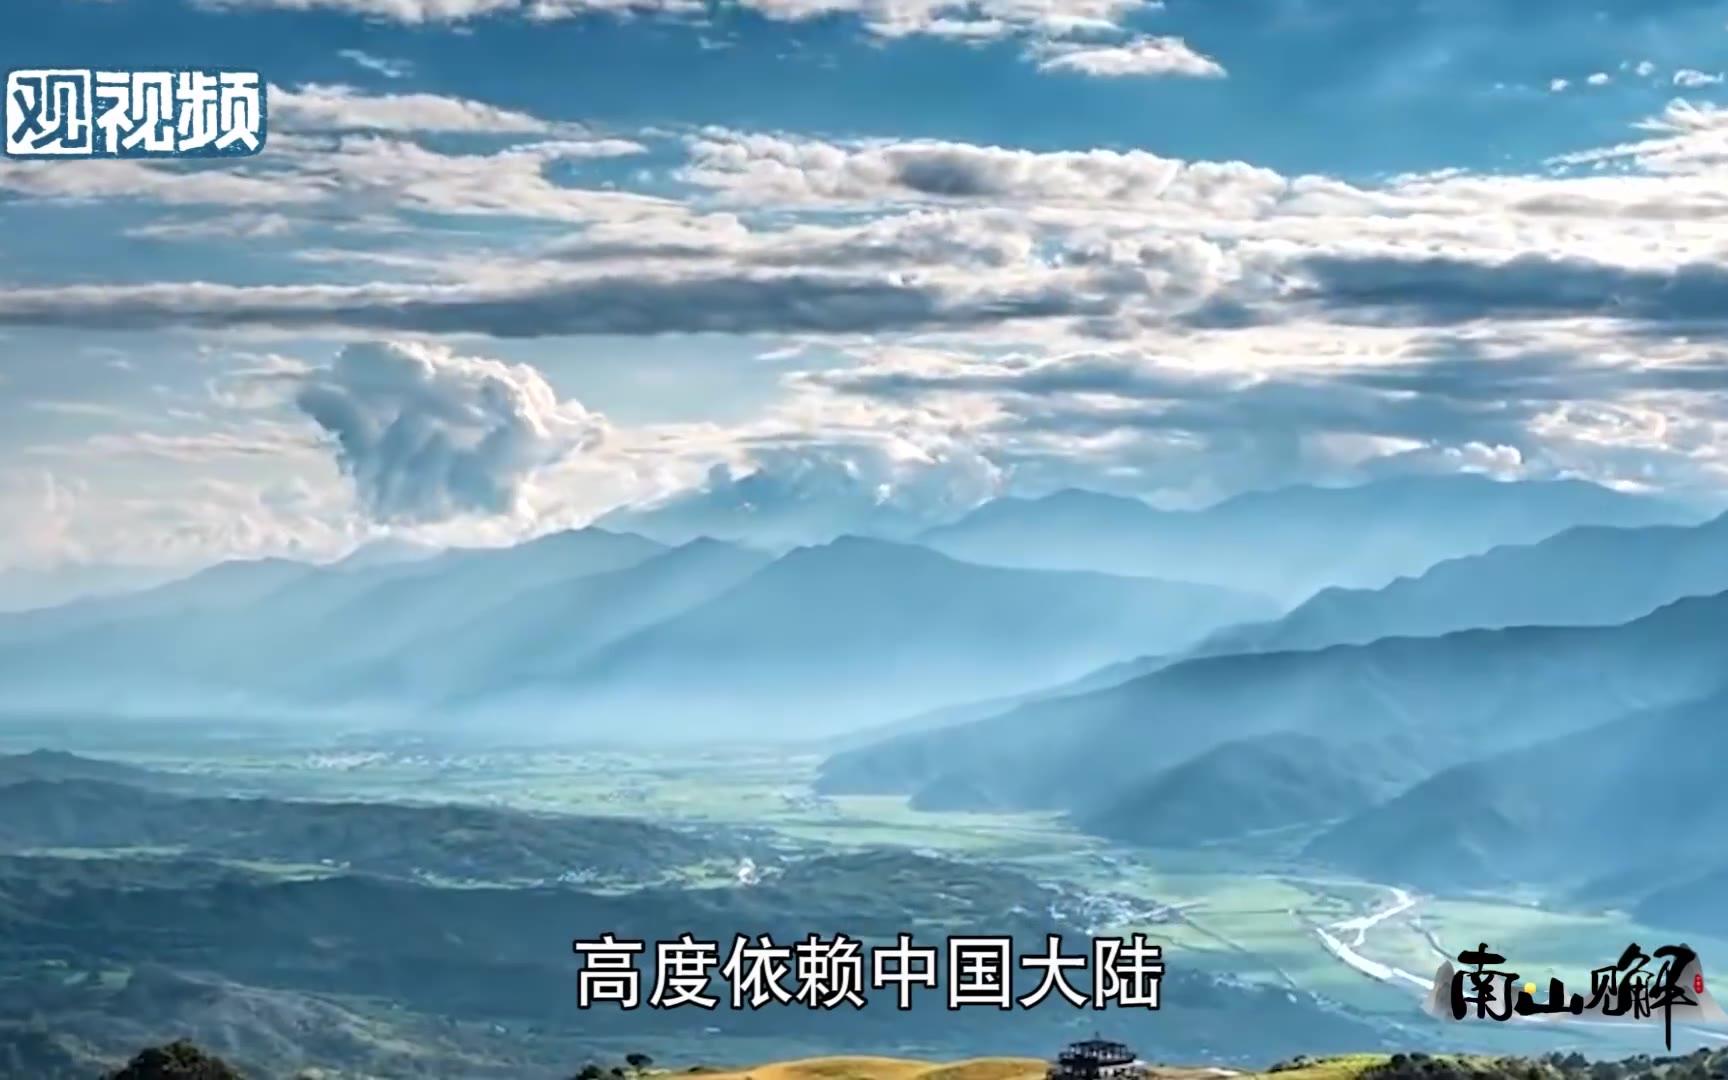 宁南山:台湾半导体世界第一,大陆若拦不住它,未来会成为收复台湾的最大阻碍